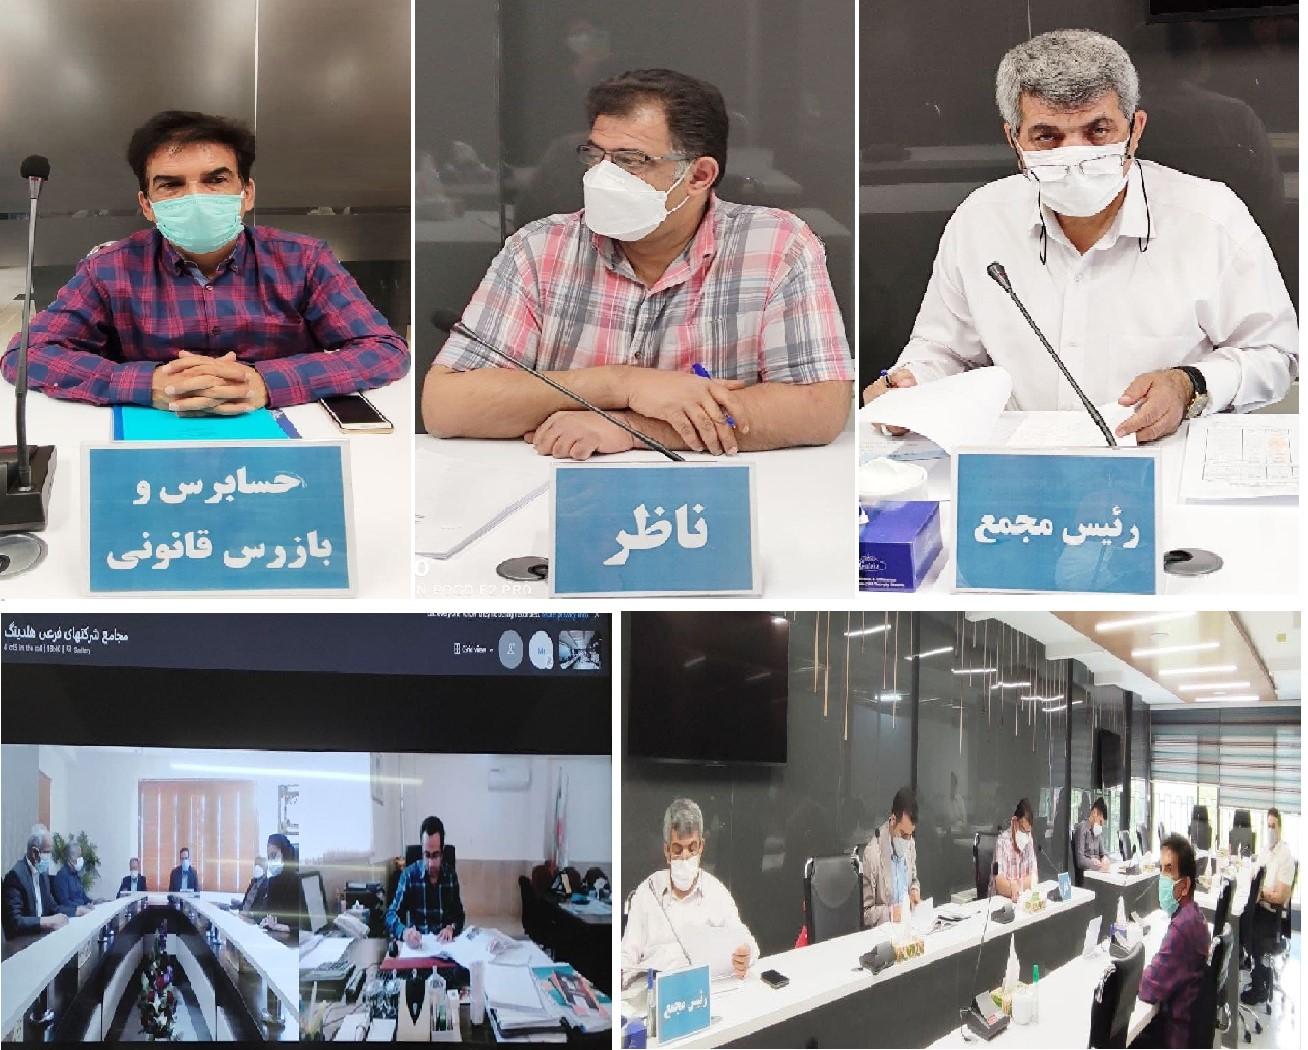 مجمع عمومی عادی شرکت فولادگستران بجنورد منتهی به 30 اسفند 99